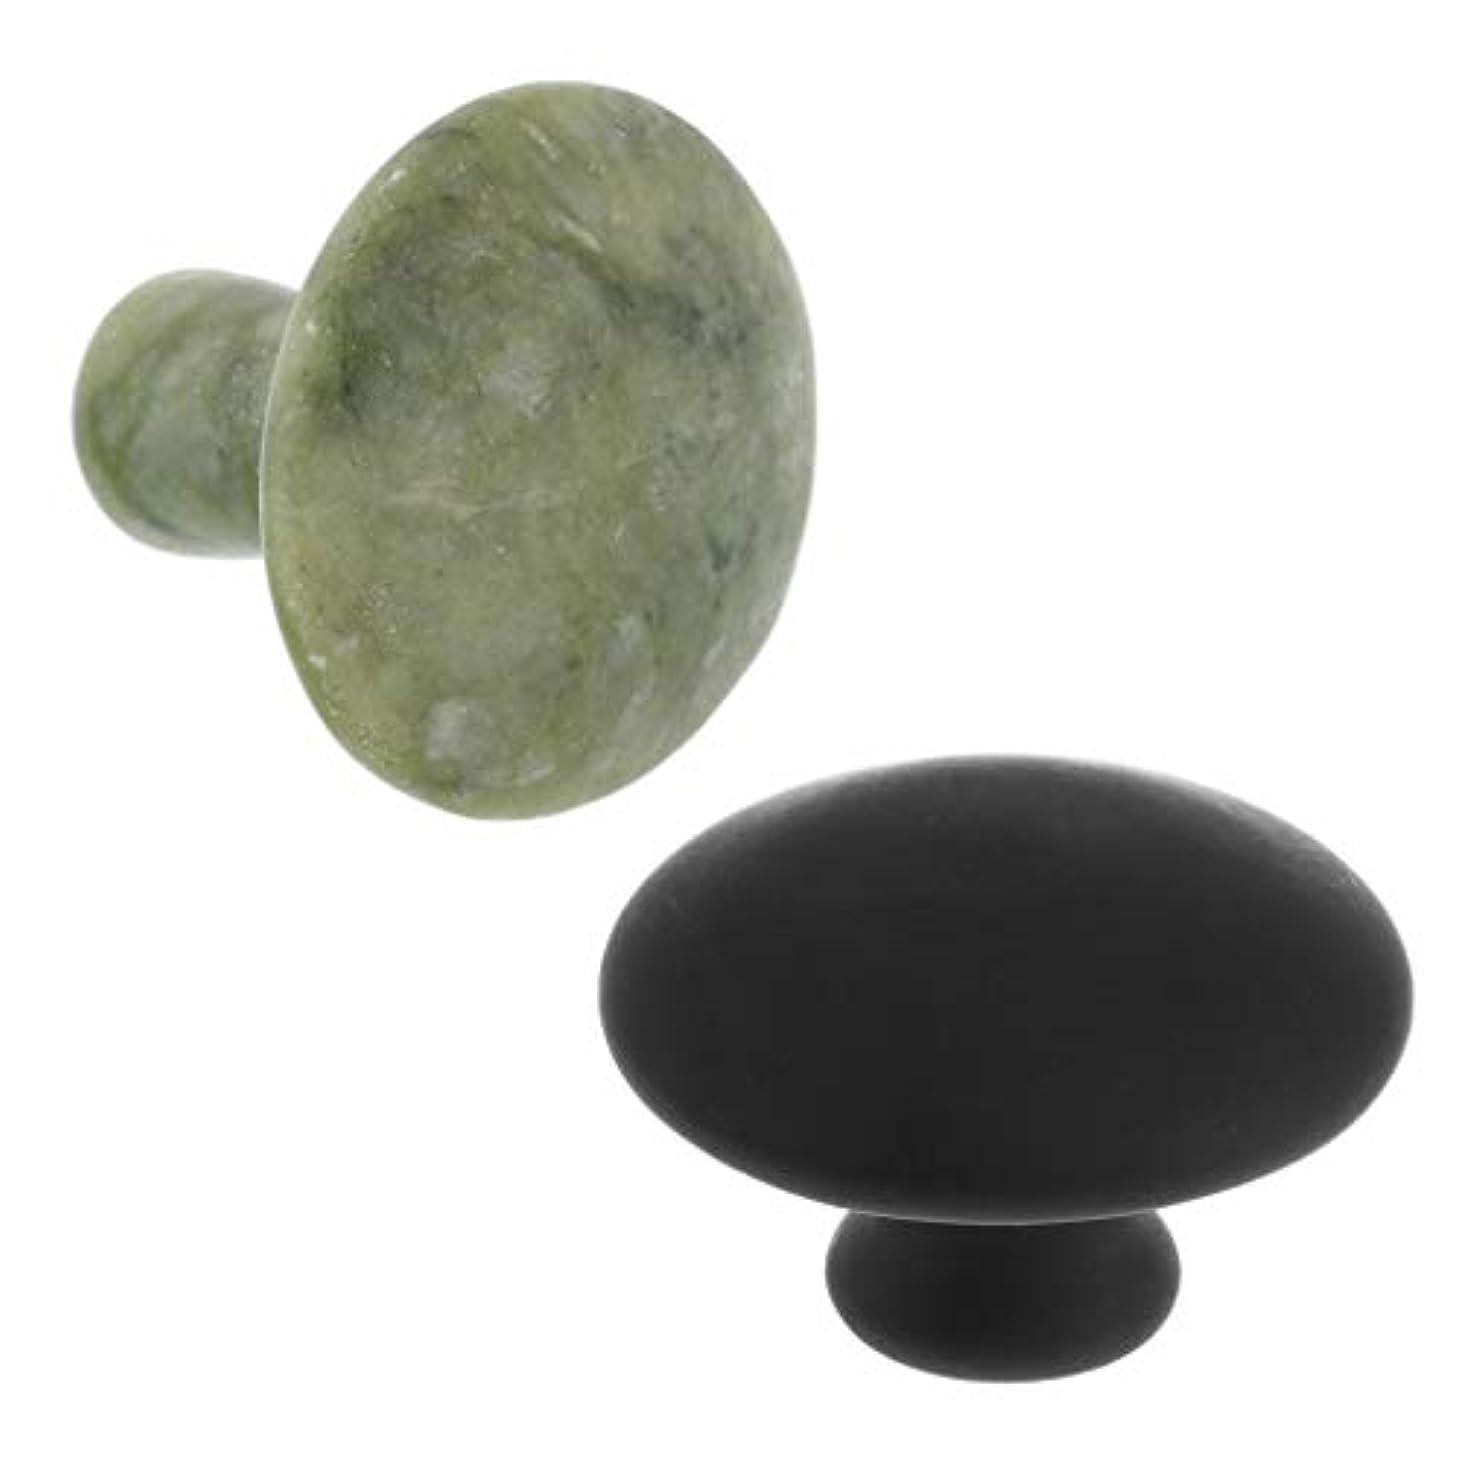 所有者ではごきげんよう準備する2個 マッサージ石 マッサージストーン 天然石 アロマ